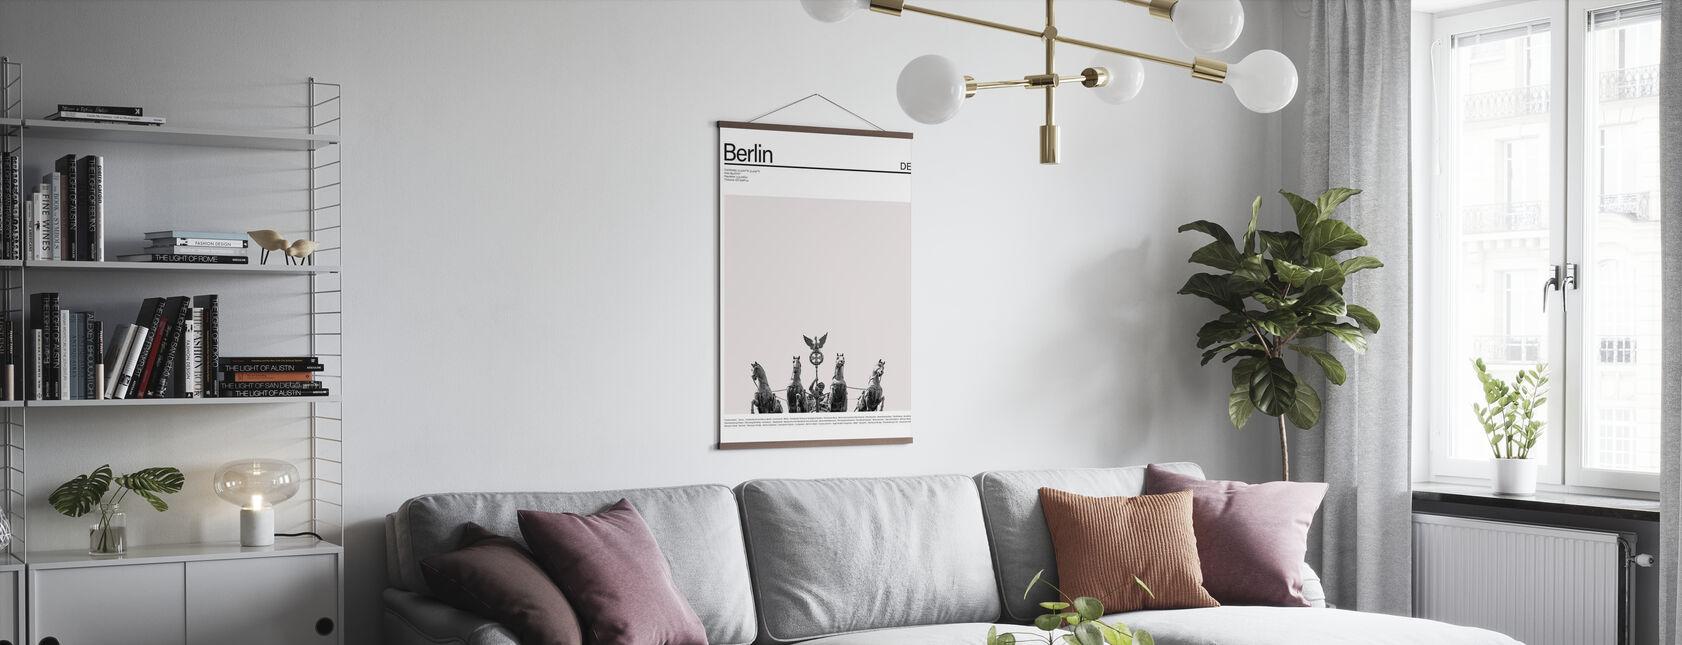 Città Berlino - Poster - Salotto